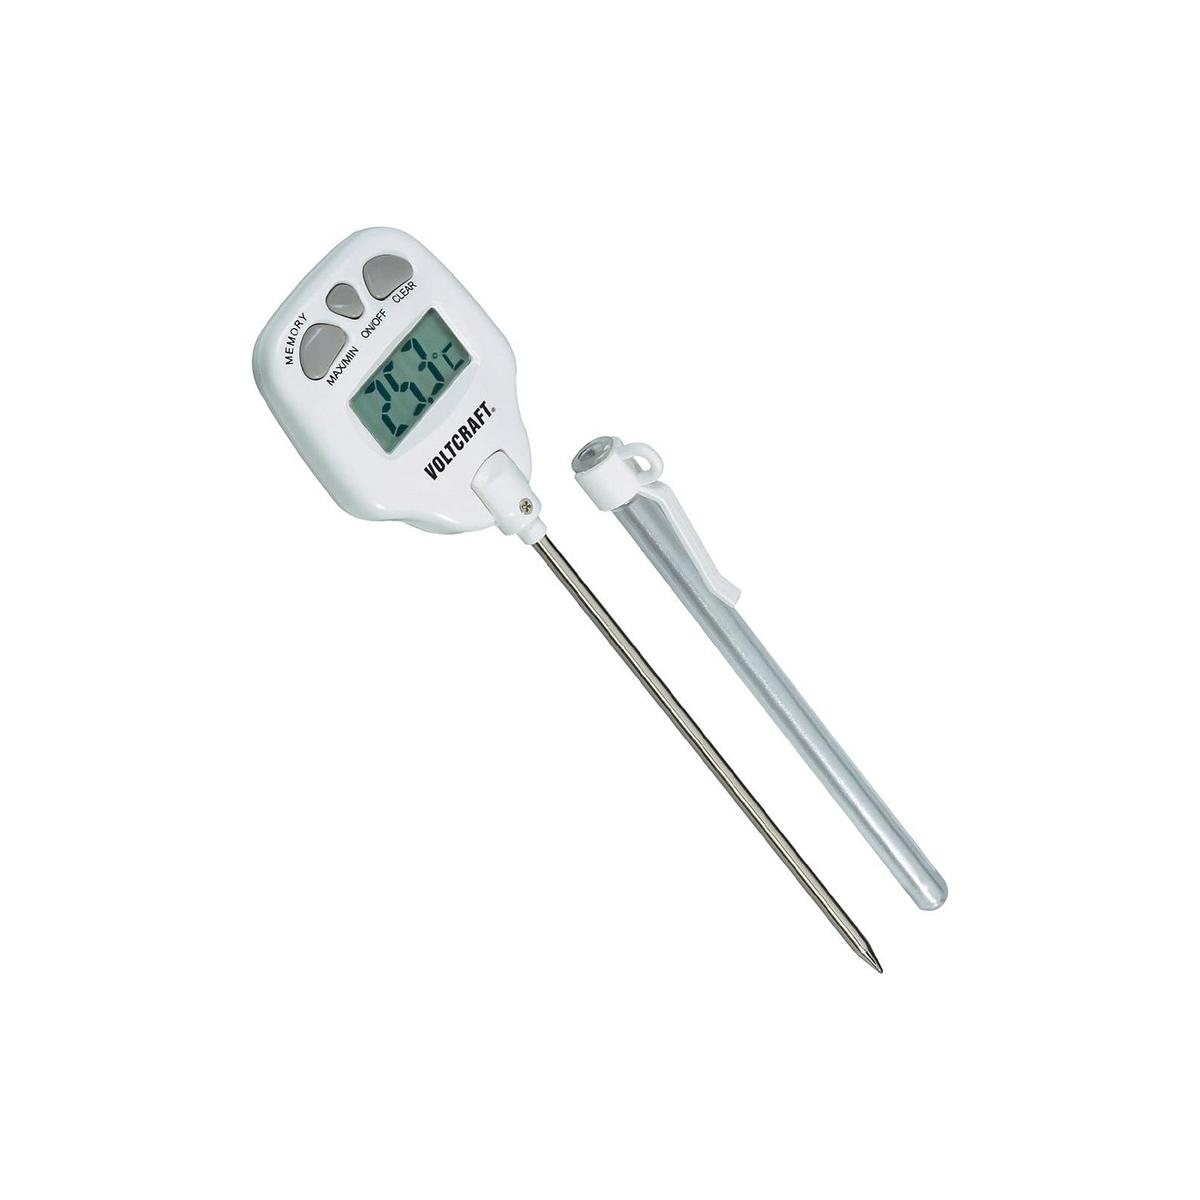 Termometr cyfrowy z pamięcią wartości minimum-maksimum